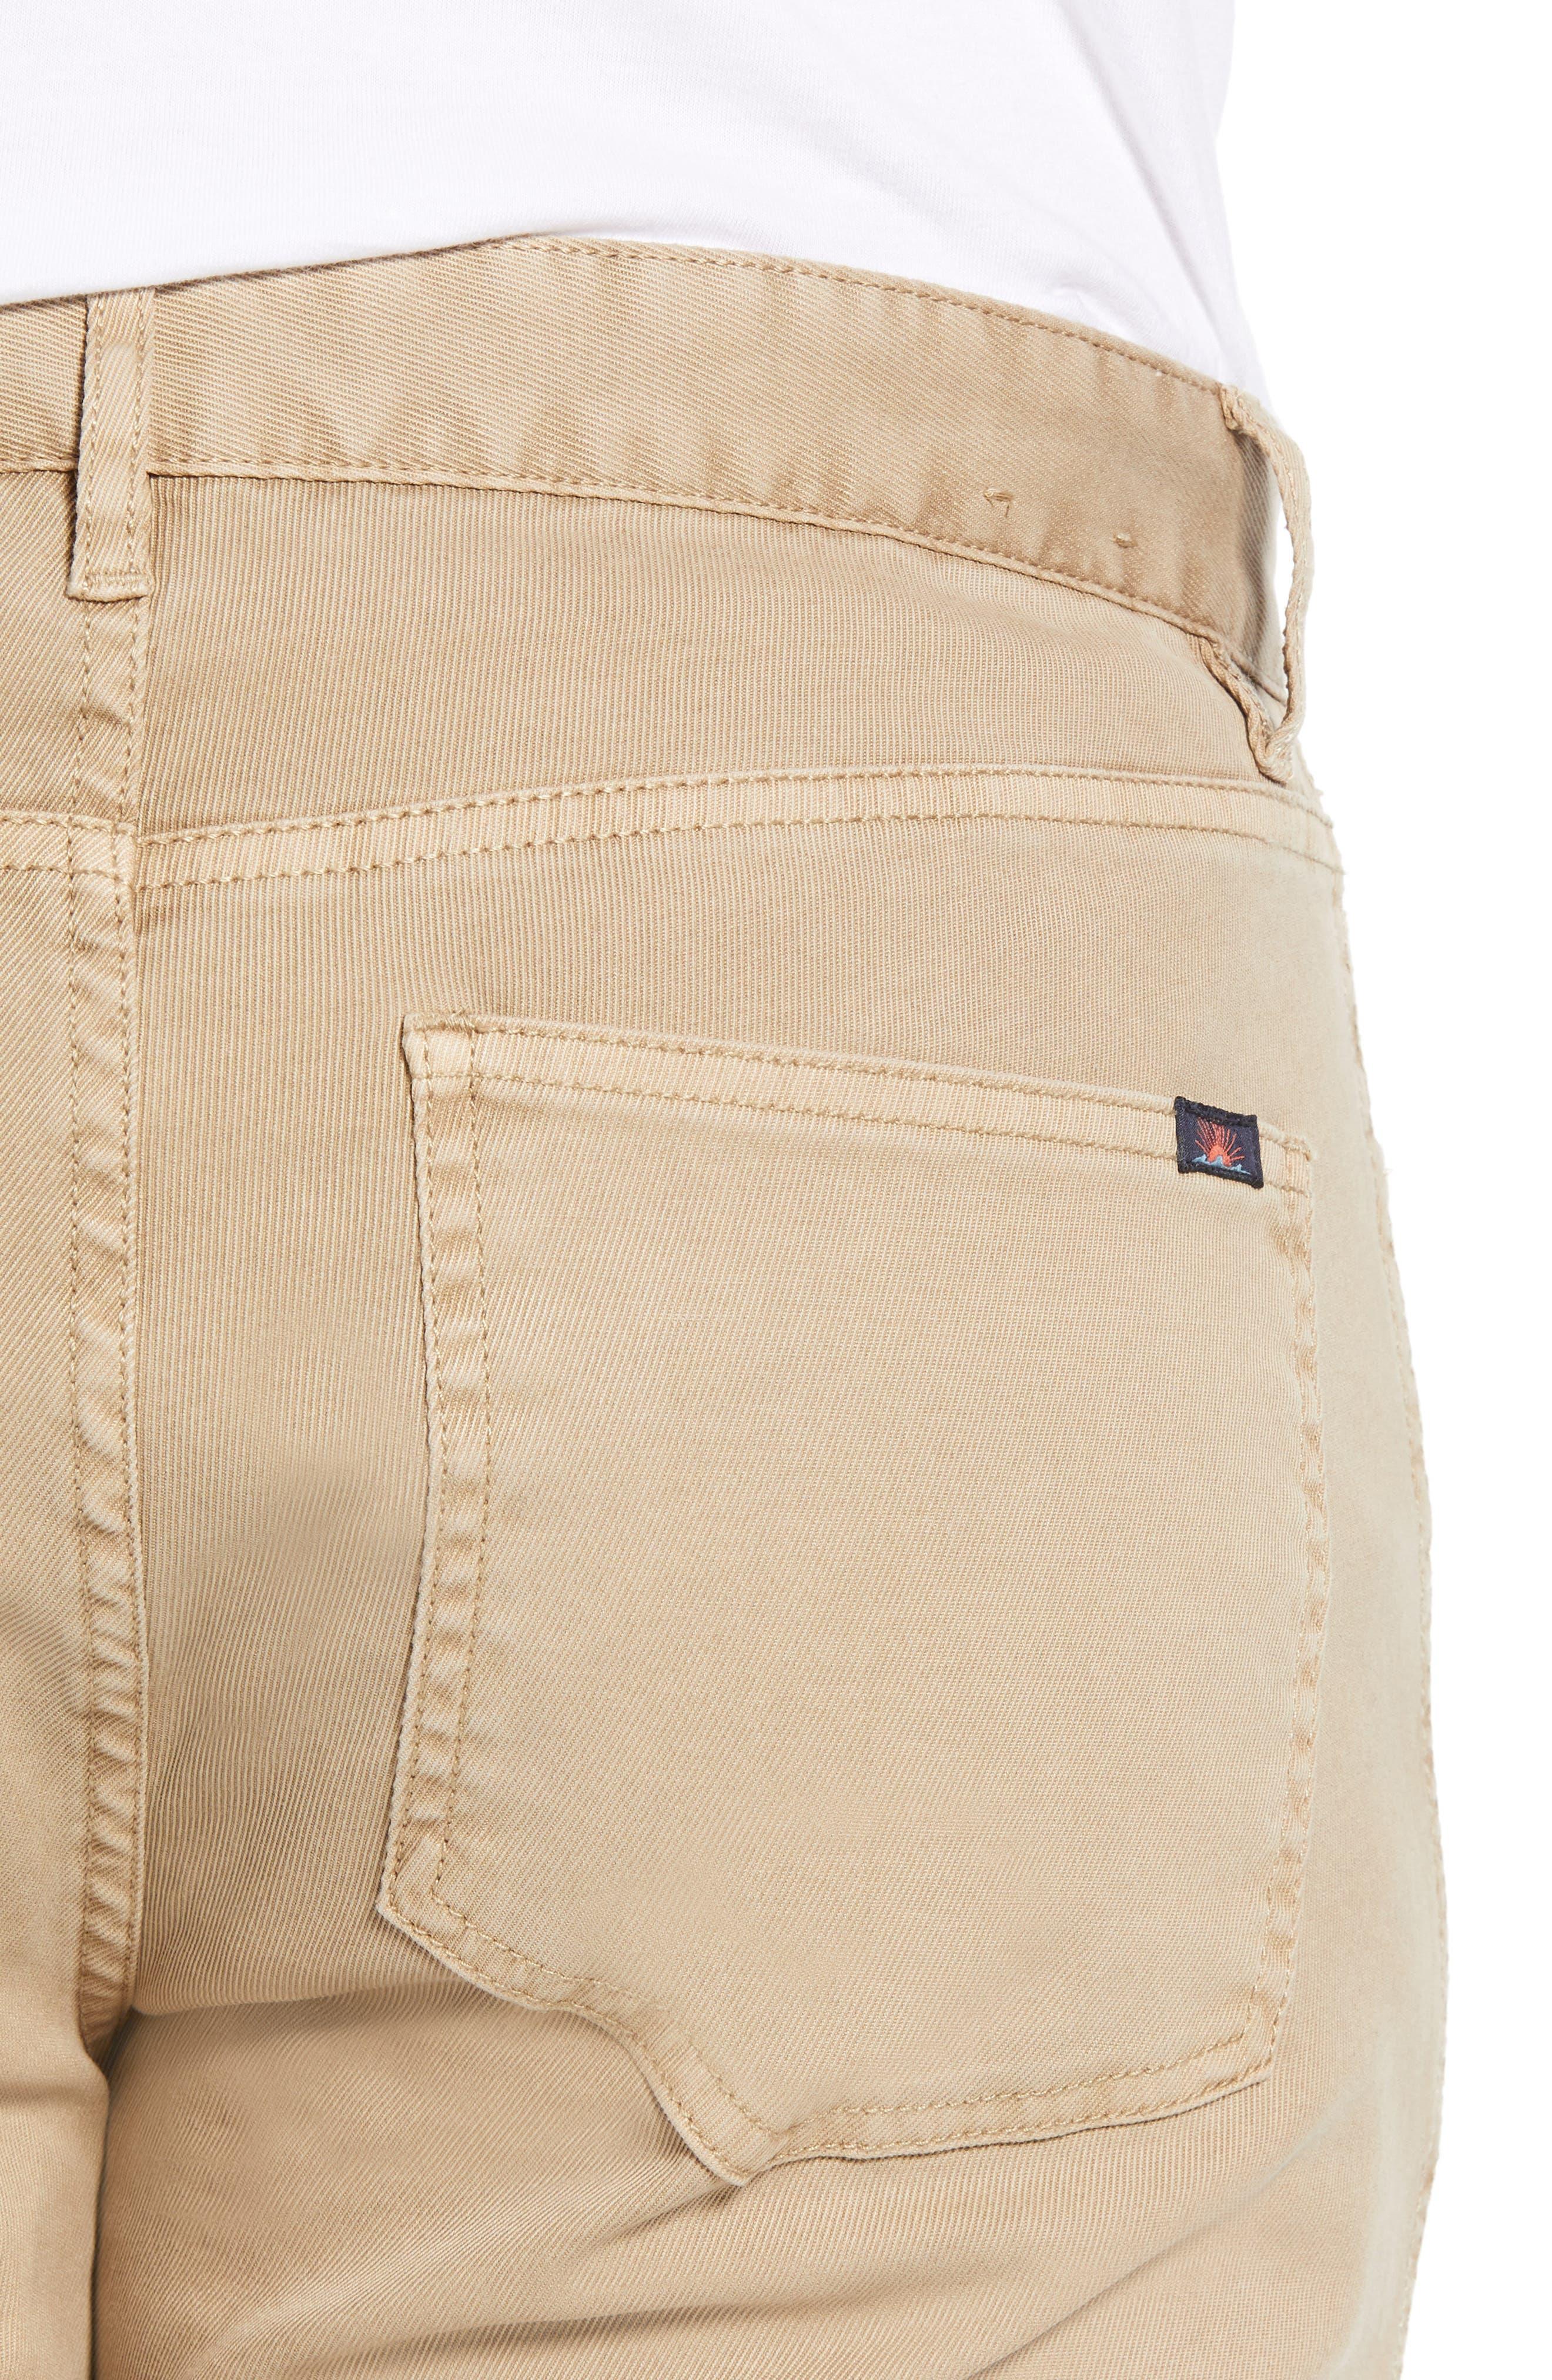 Comfort Twill Five-Pocket Pants,                             Alternate thumbnail 4, color,                             KHAKI